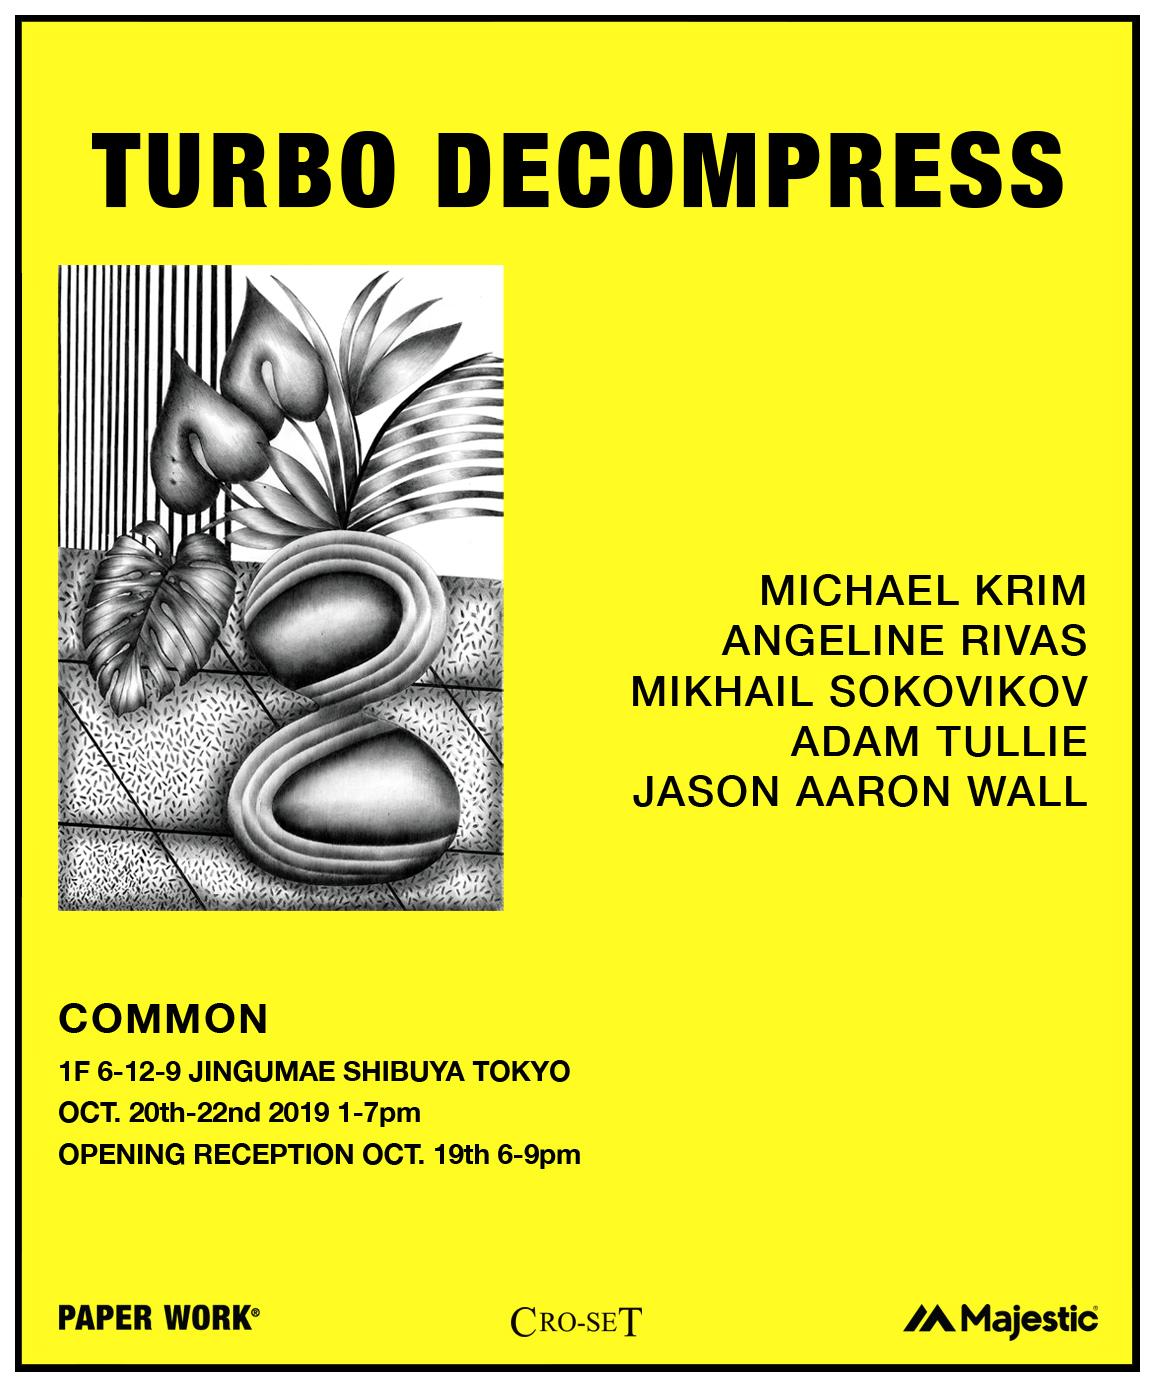 ストリートなイベント【東京】TURBO DECOMPRESS ニューヨークをレペゼンする若手アーティスト達によるアートショー!